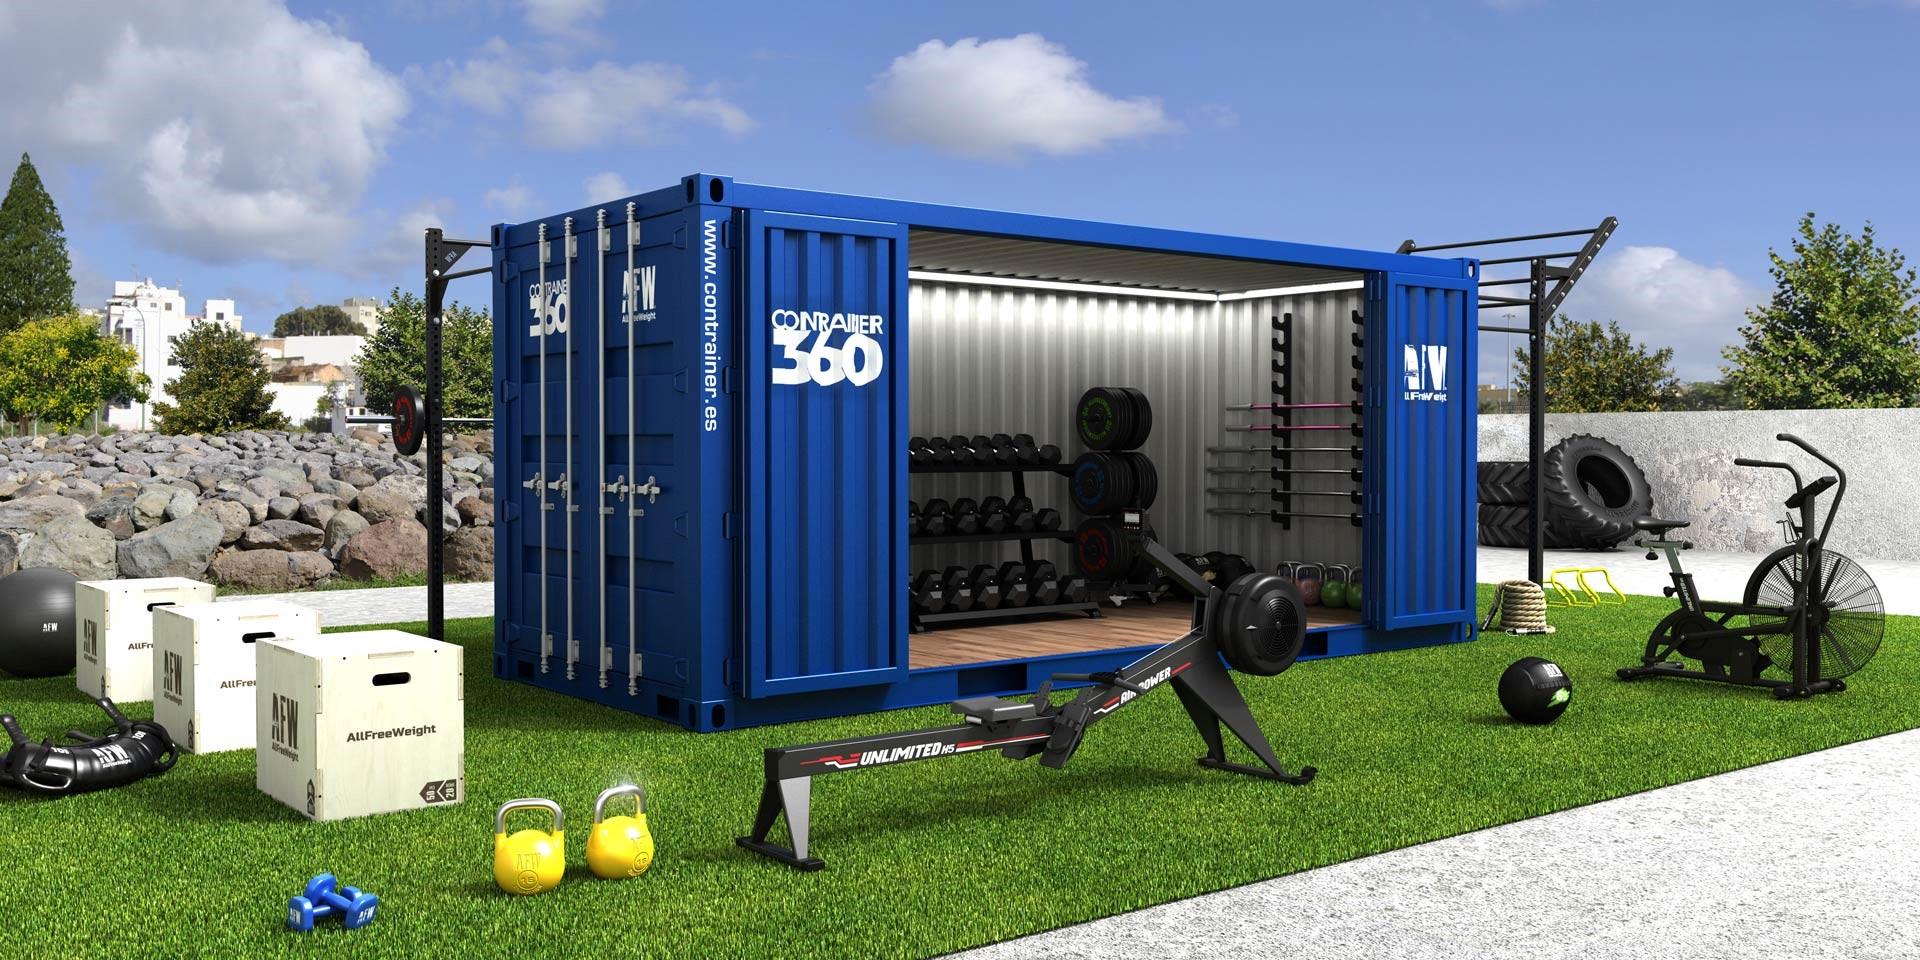 Contrainer 360 ultima el debut del nuevo prototipo de gimnasio modular